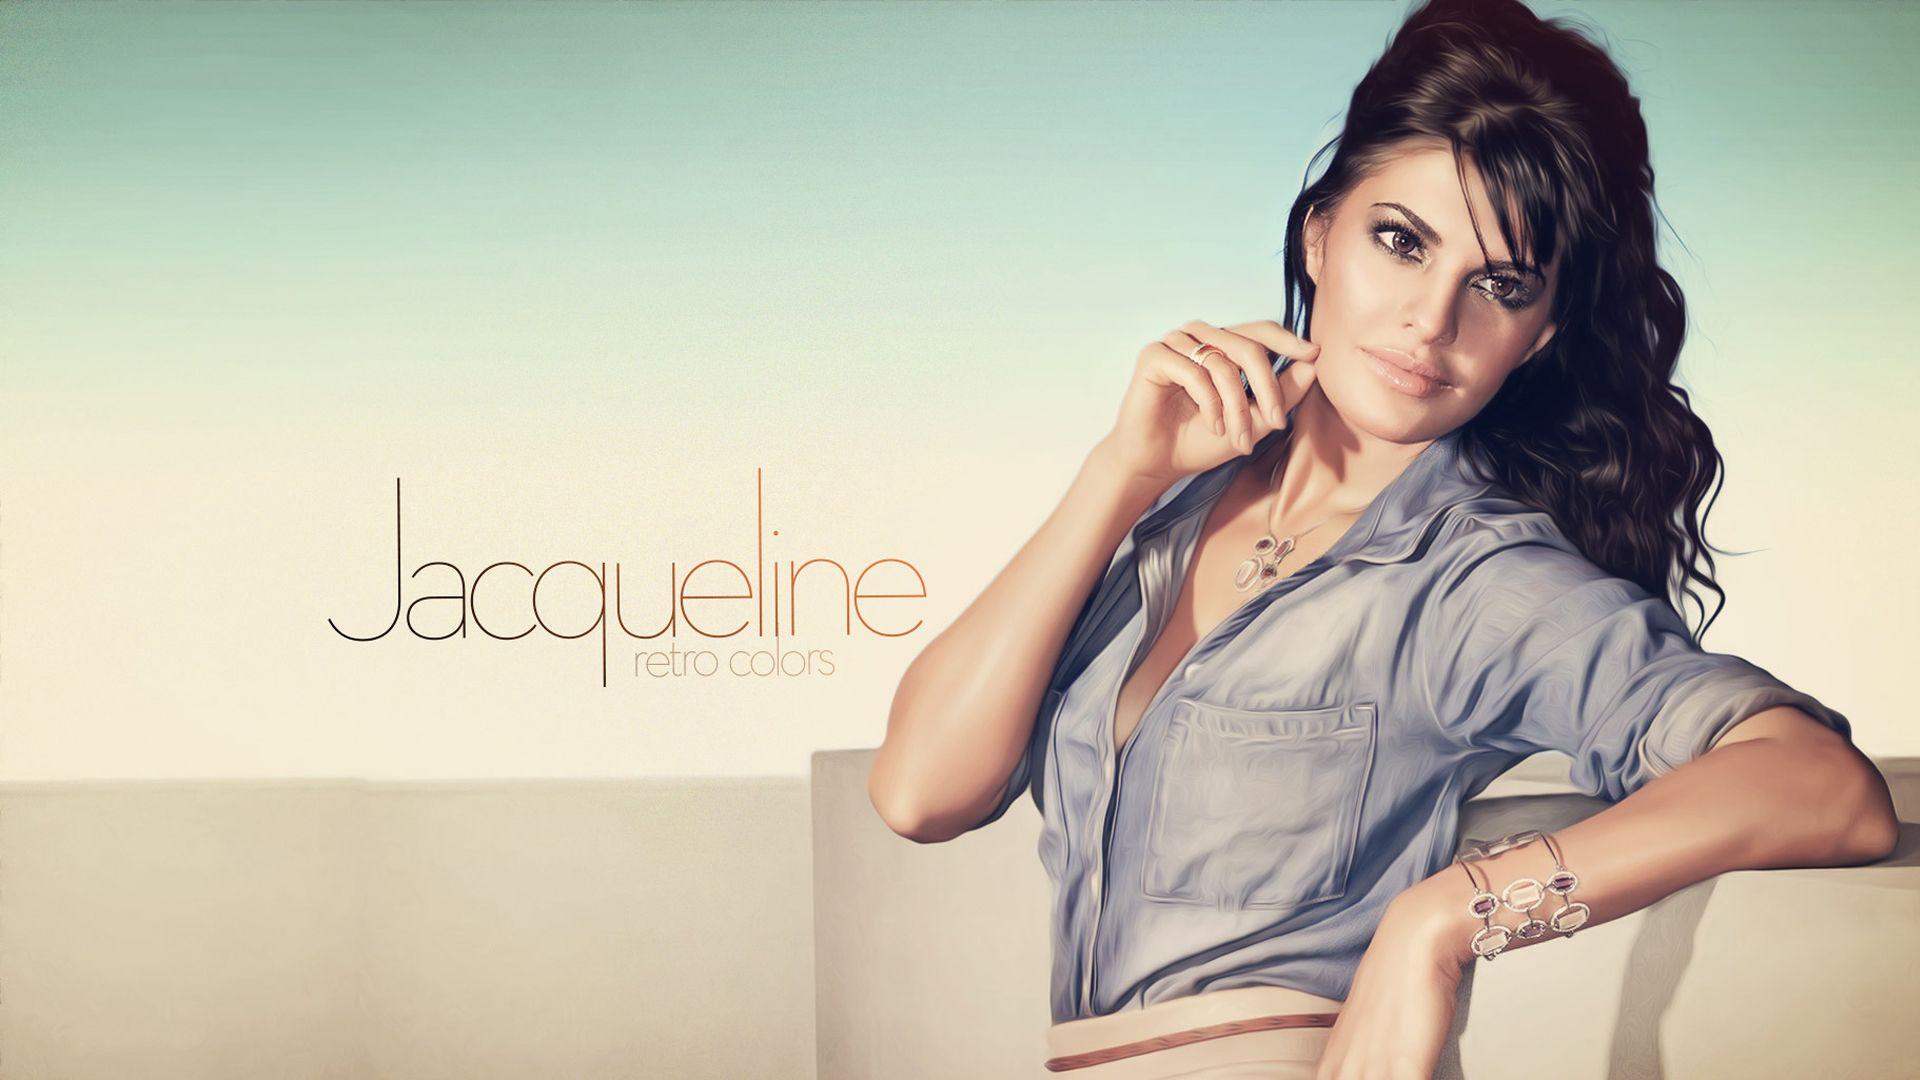 jacqueline fernandez hot pics images free download jacqueline fernandez celebrity wallpapers bollywood actress hot jacqueline fernandez hot pics images